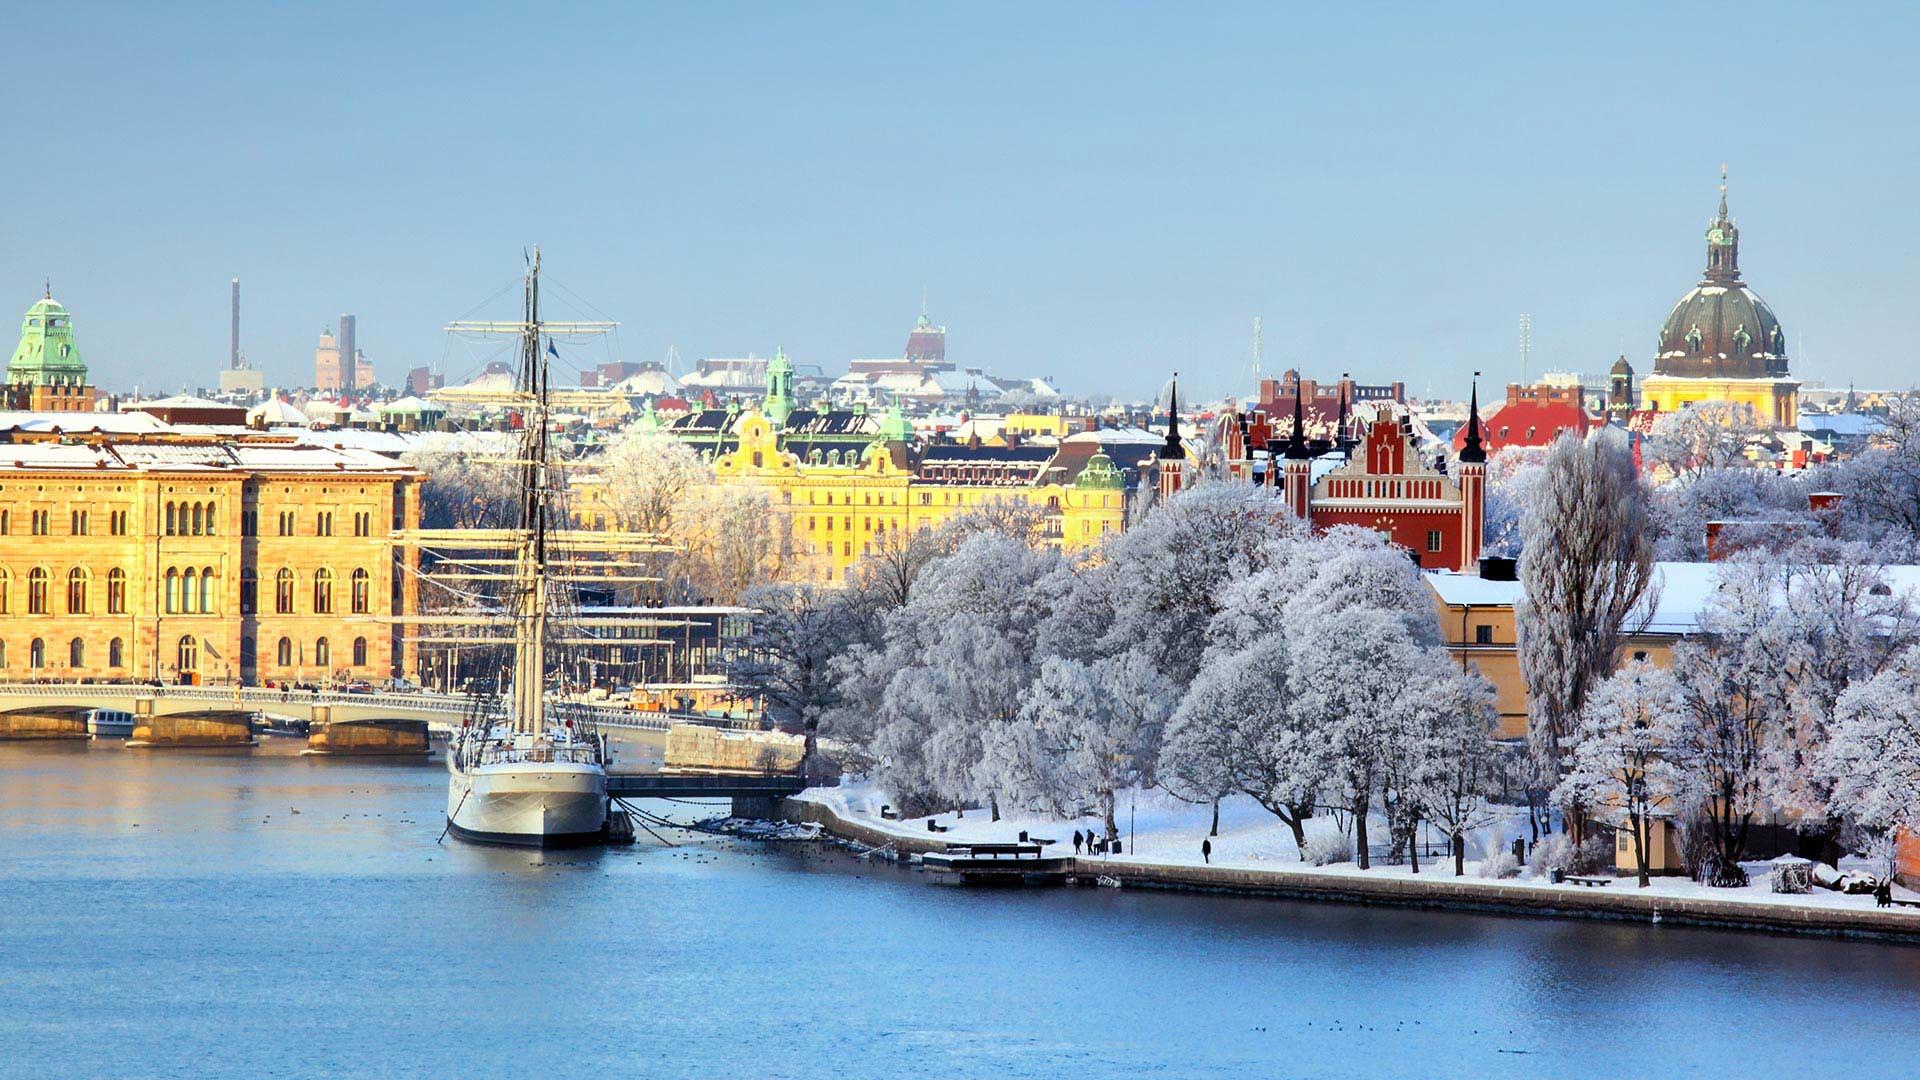 eskort i stockholm sexleksaker sverige